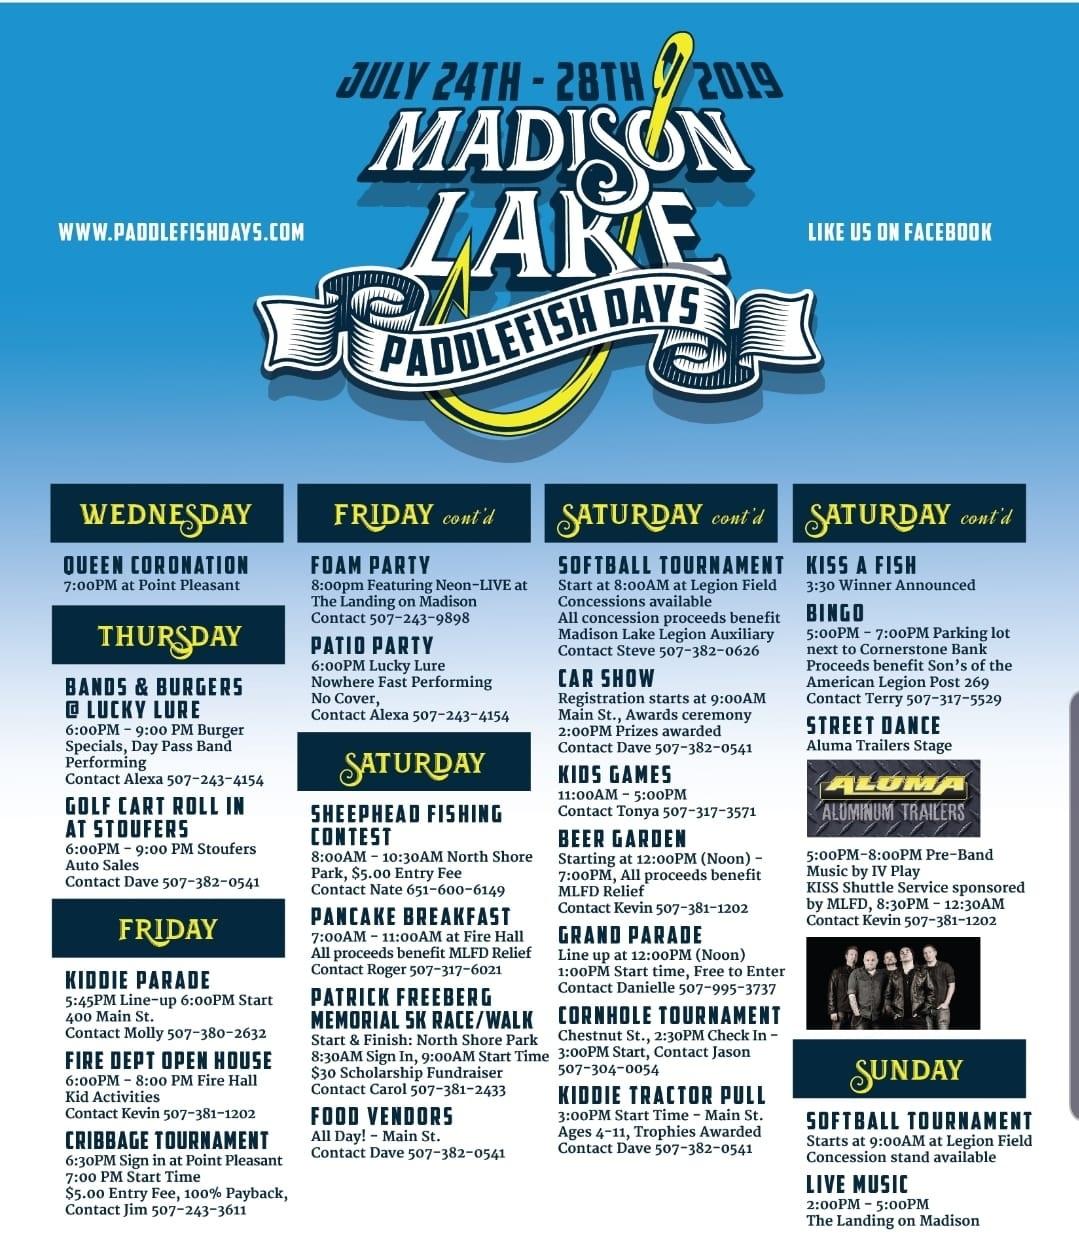 Paddlefish Days — Madison Lake Area Chamber of Commerce